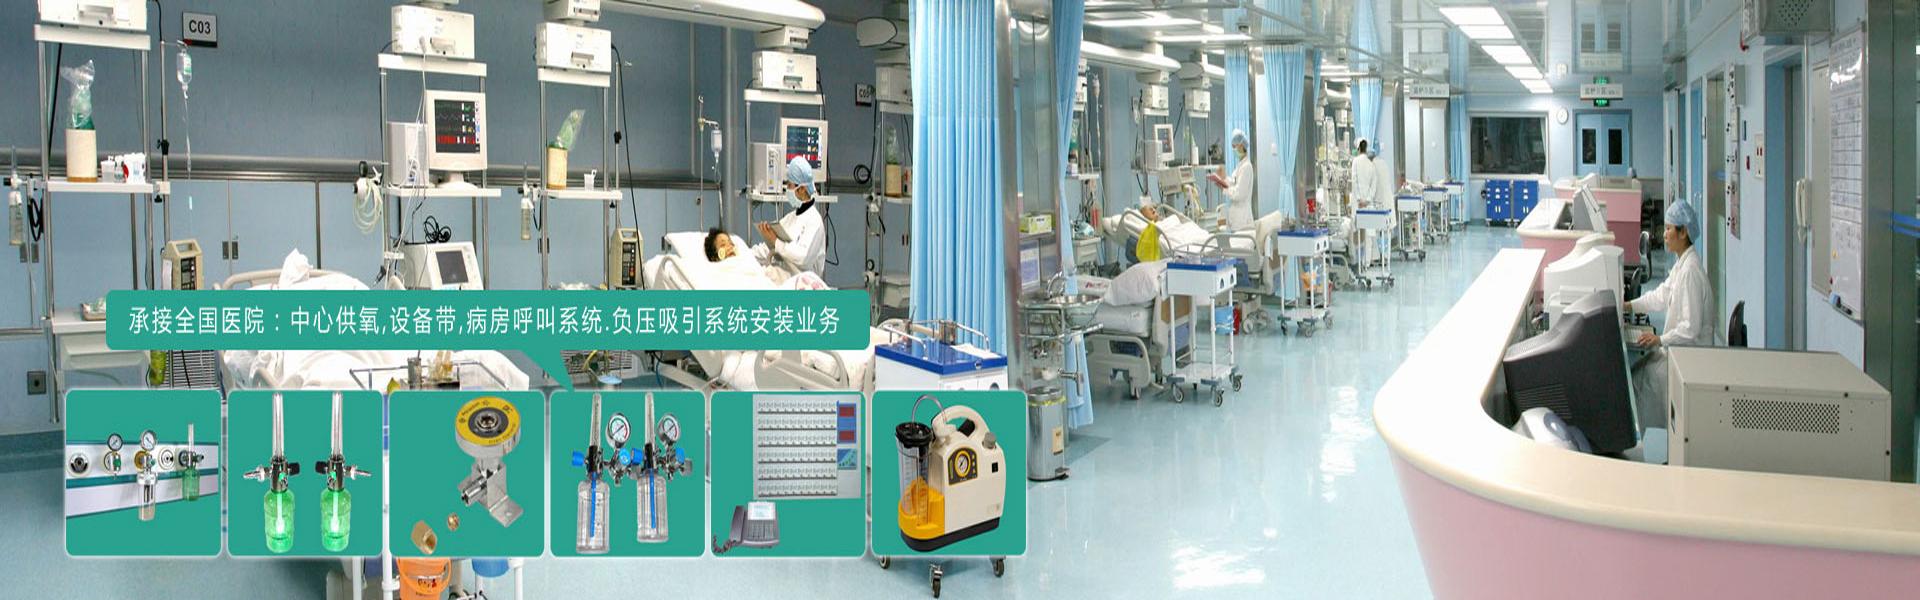 乐都县千级层流超净化手术室净化改造工程厂家哪家最专业